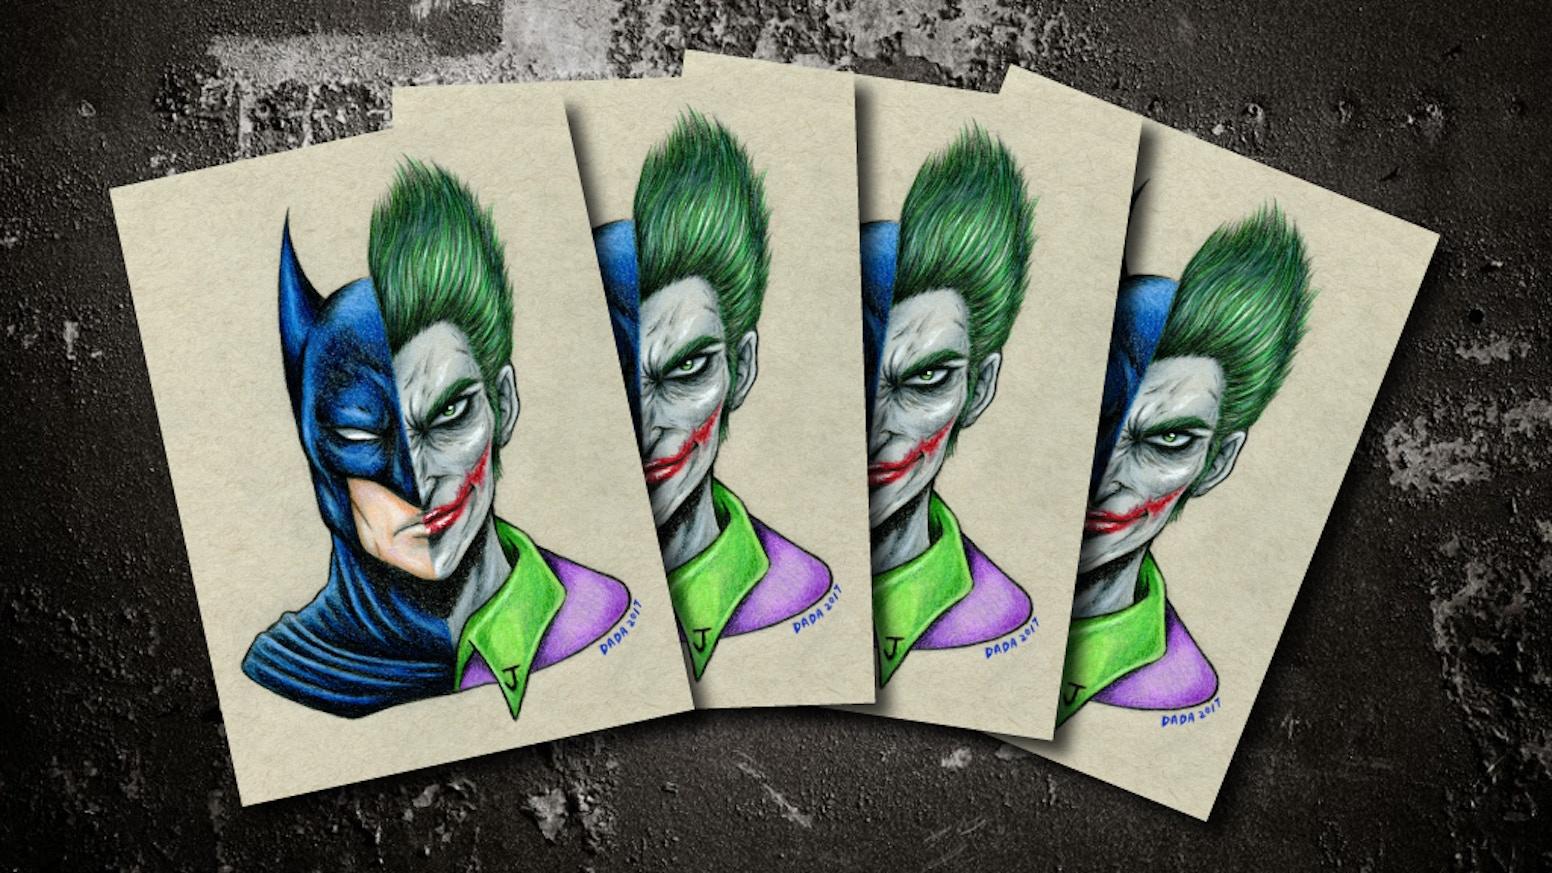 Batman vs joker stickers